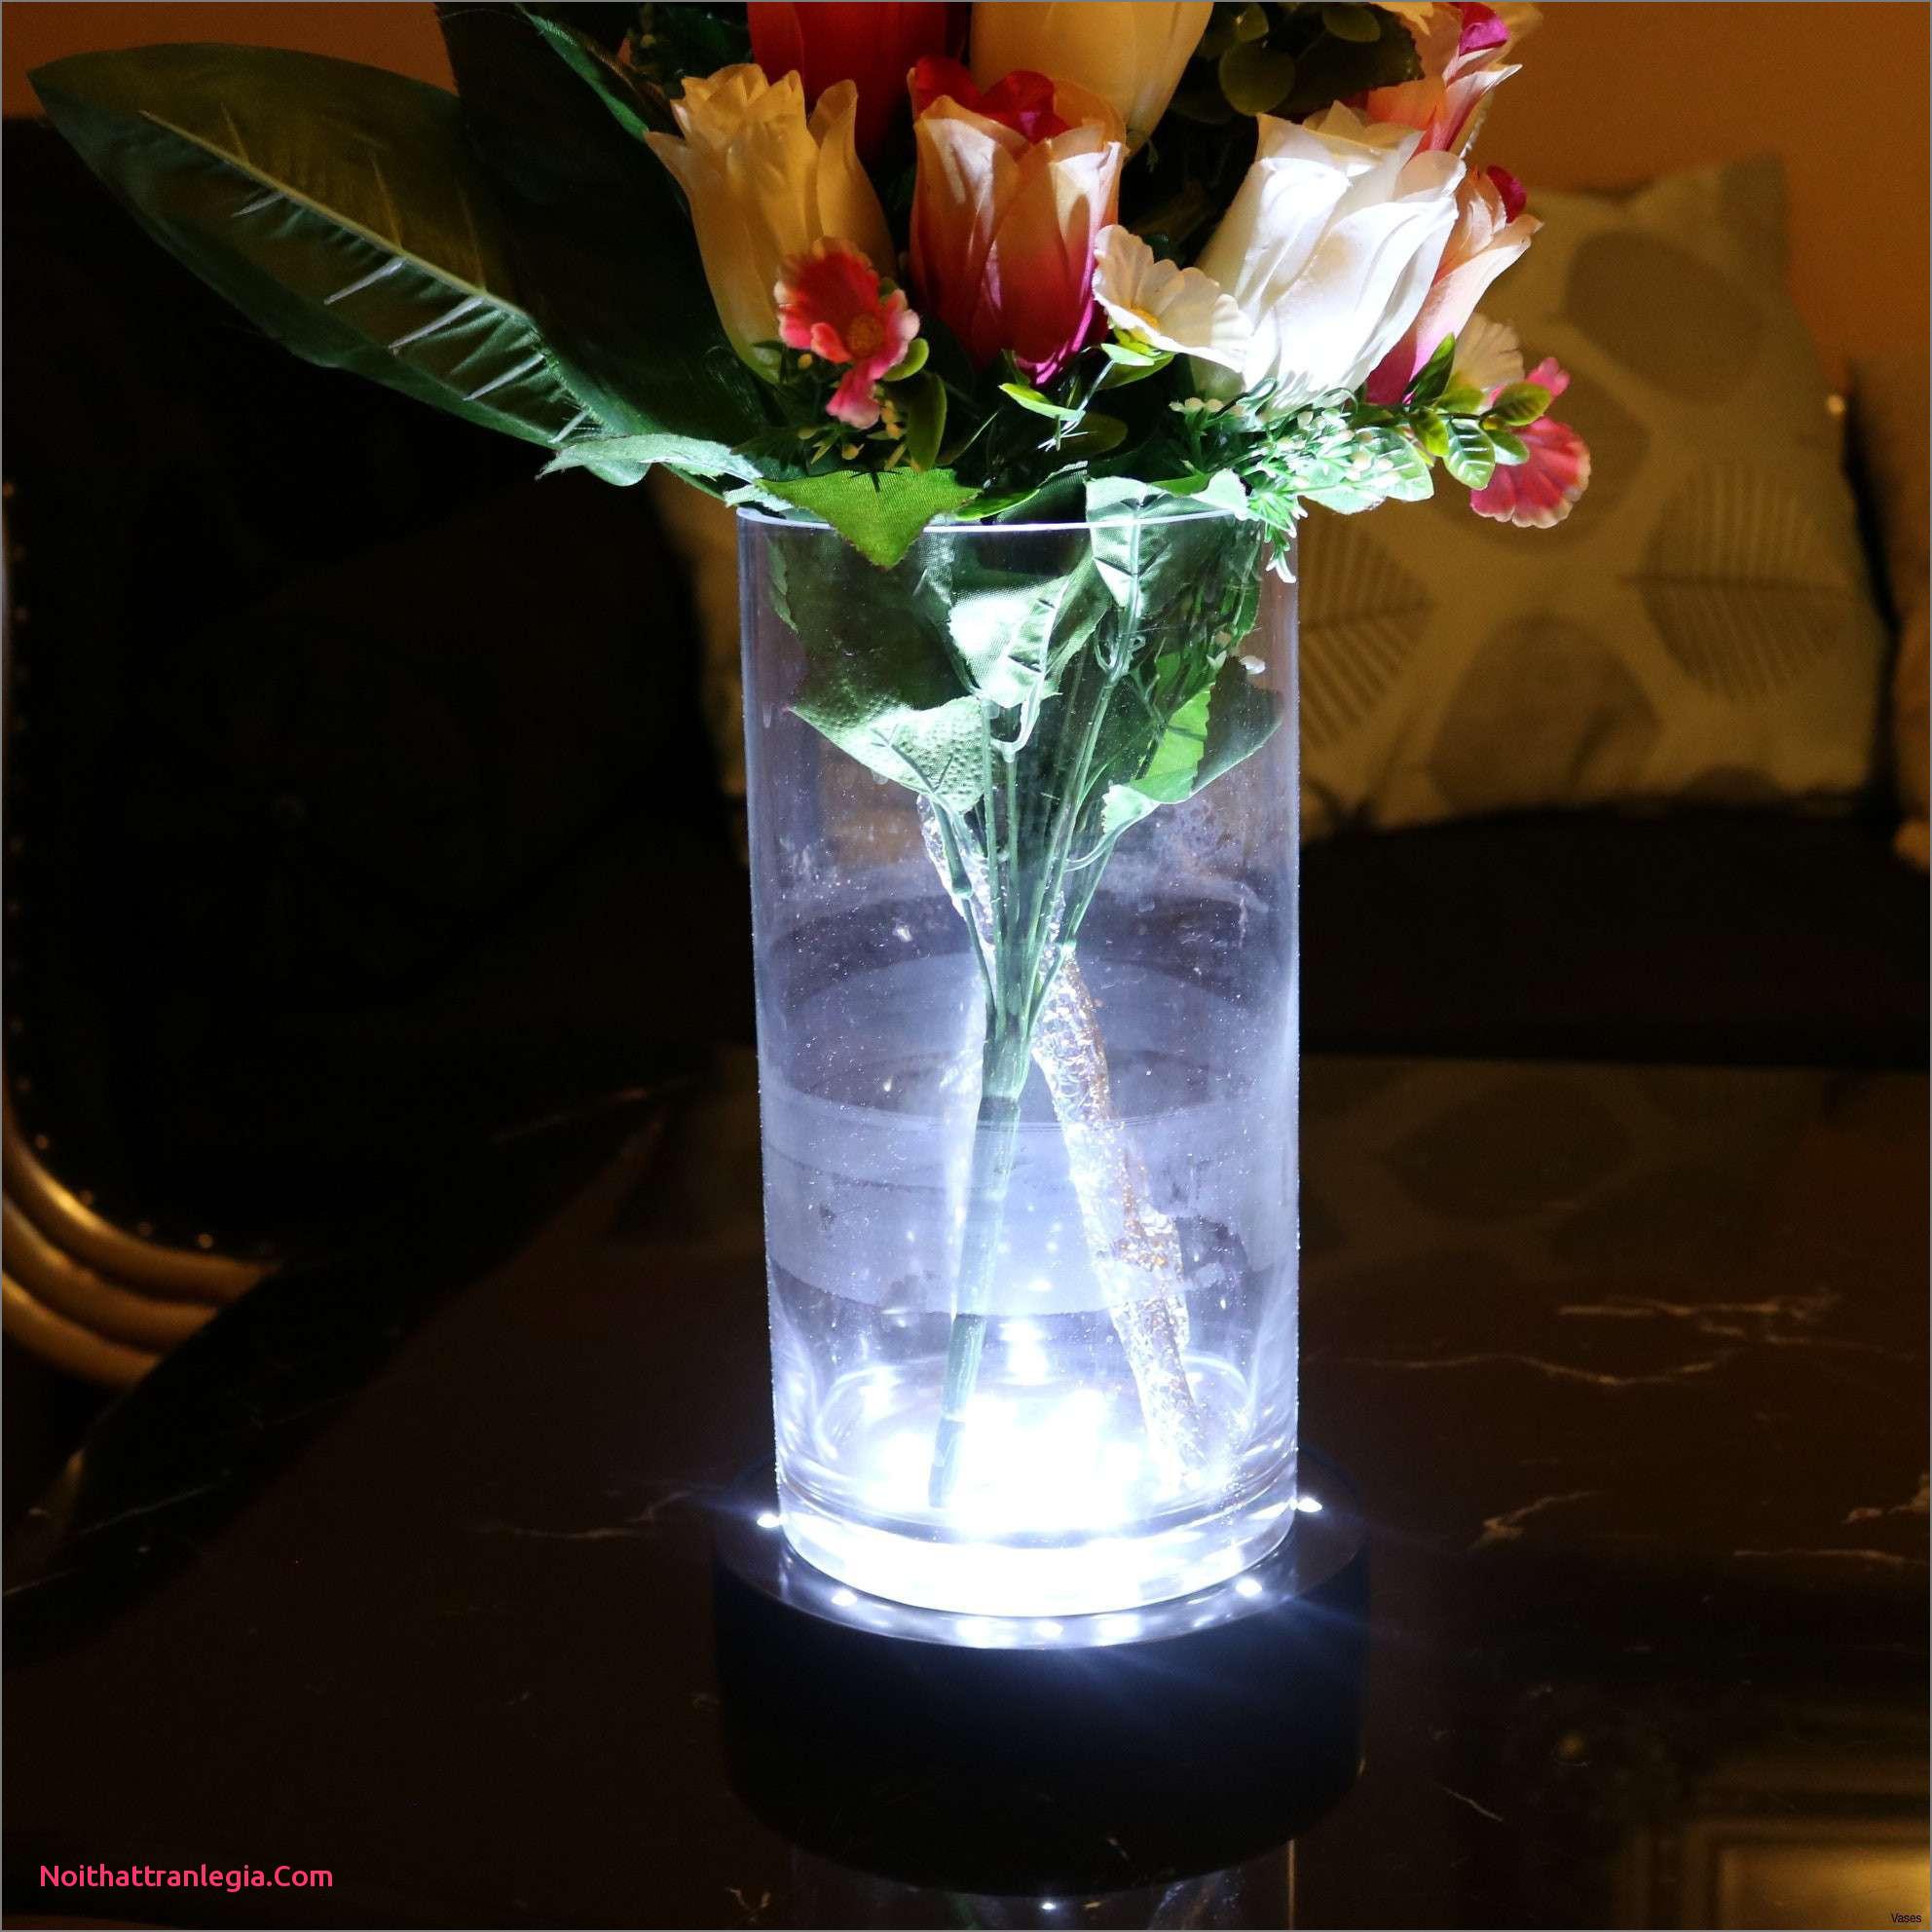 glass fish vase of 20 cut glass antique vase noithattranlegia vases design pertaining to glass wall vases gallery vases disposable plastic single cheap flower rose vasei 0d design glass